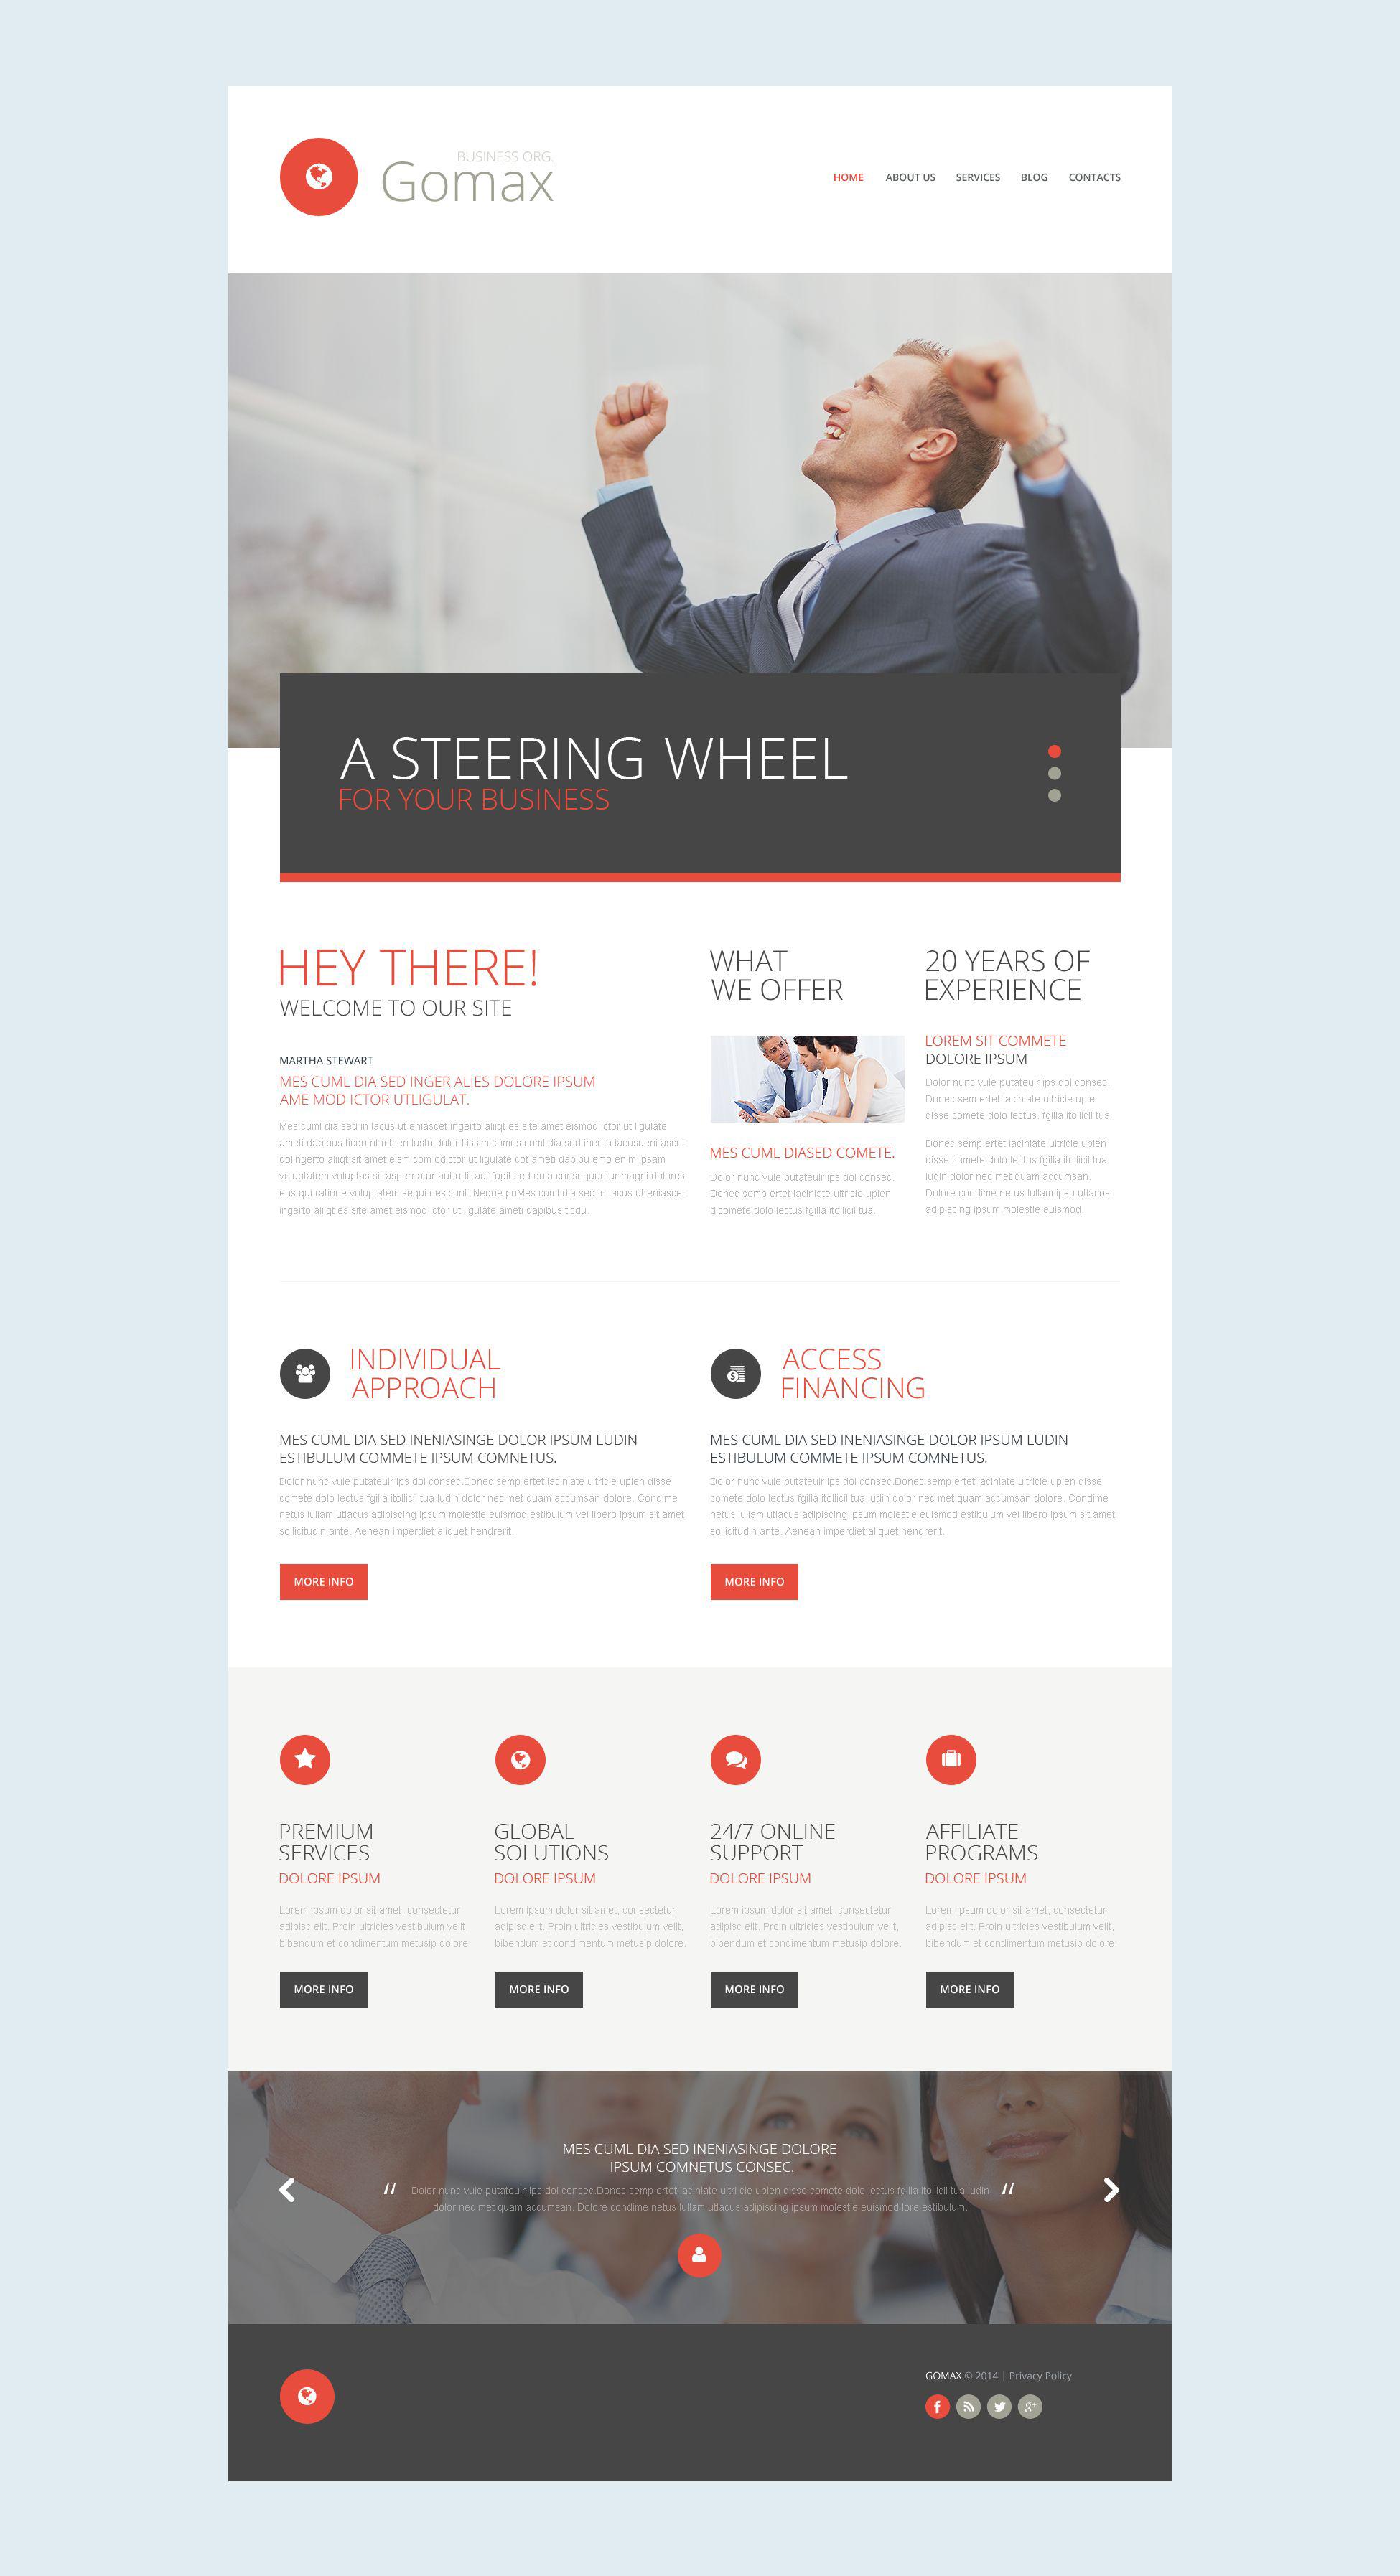 Plantilla Web Responsive para Sitio de Negocio y Servicios #52536 - captura de pantalla